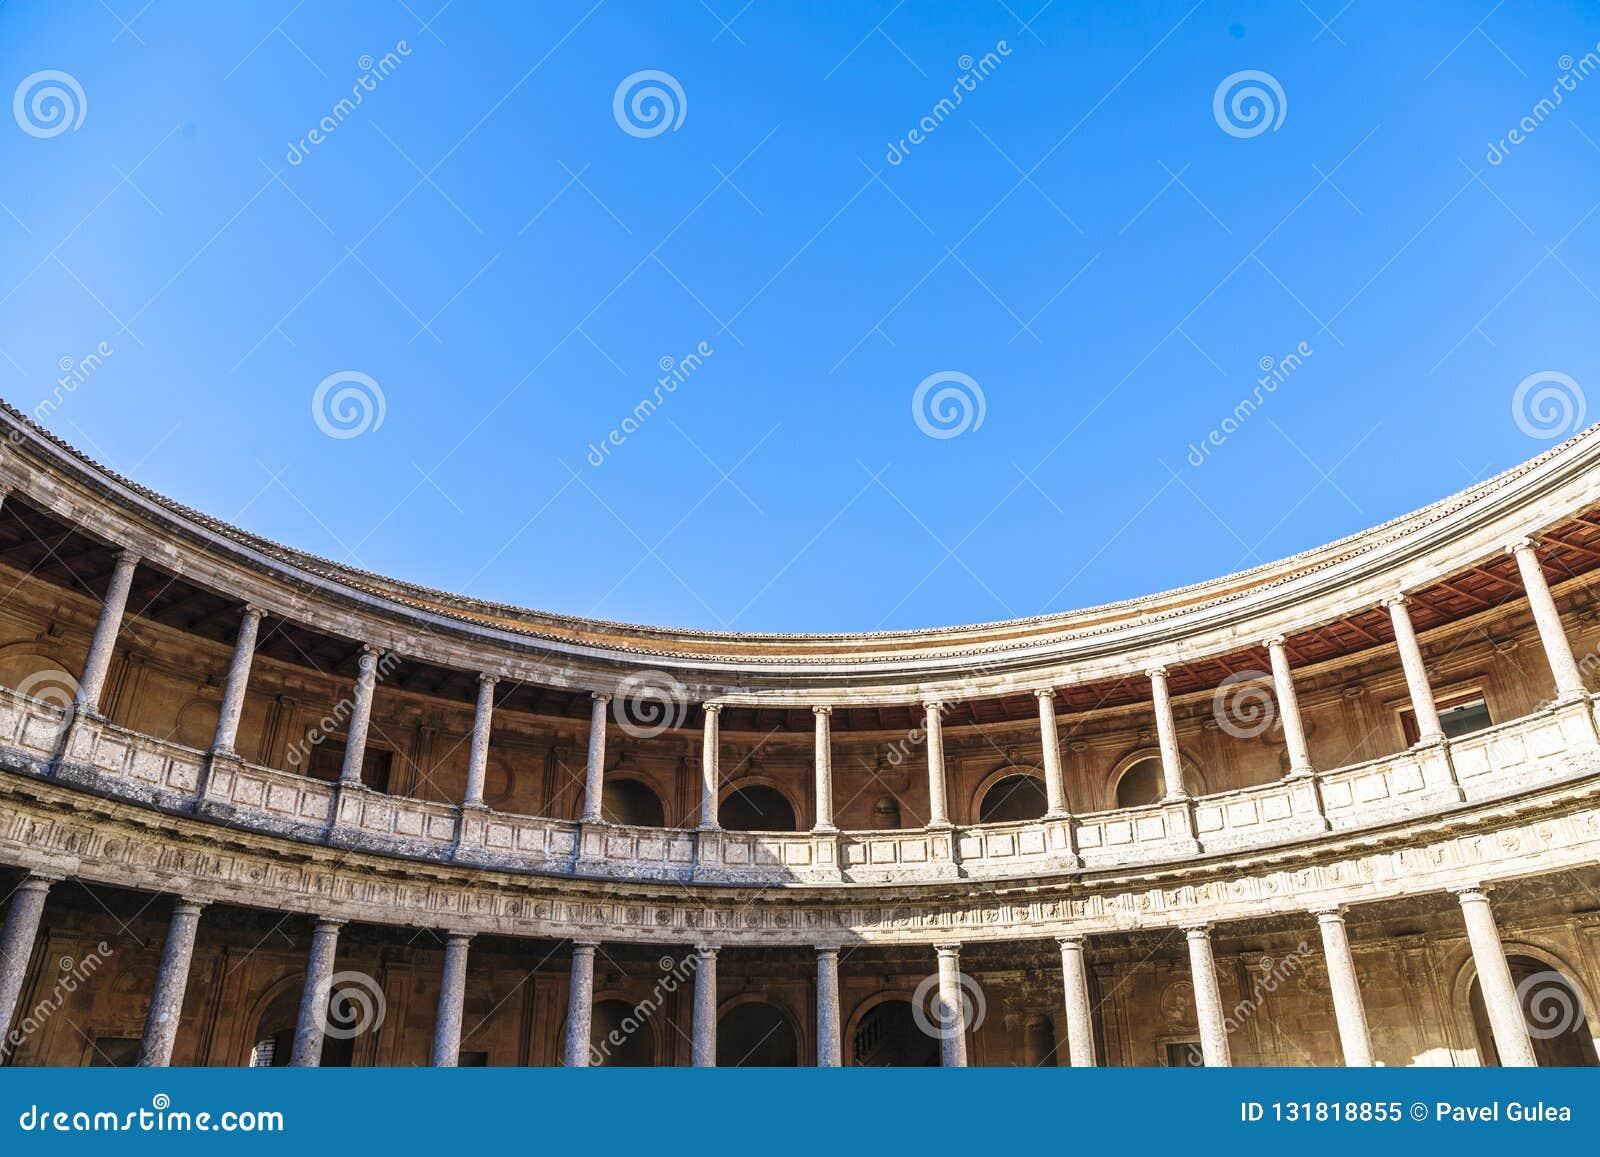 Arena in palazzo di Carlos 5 nel complesso di Alhambra a Granada, Spagna